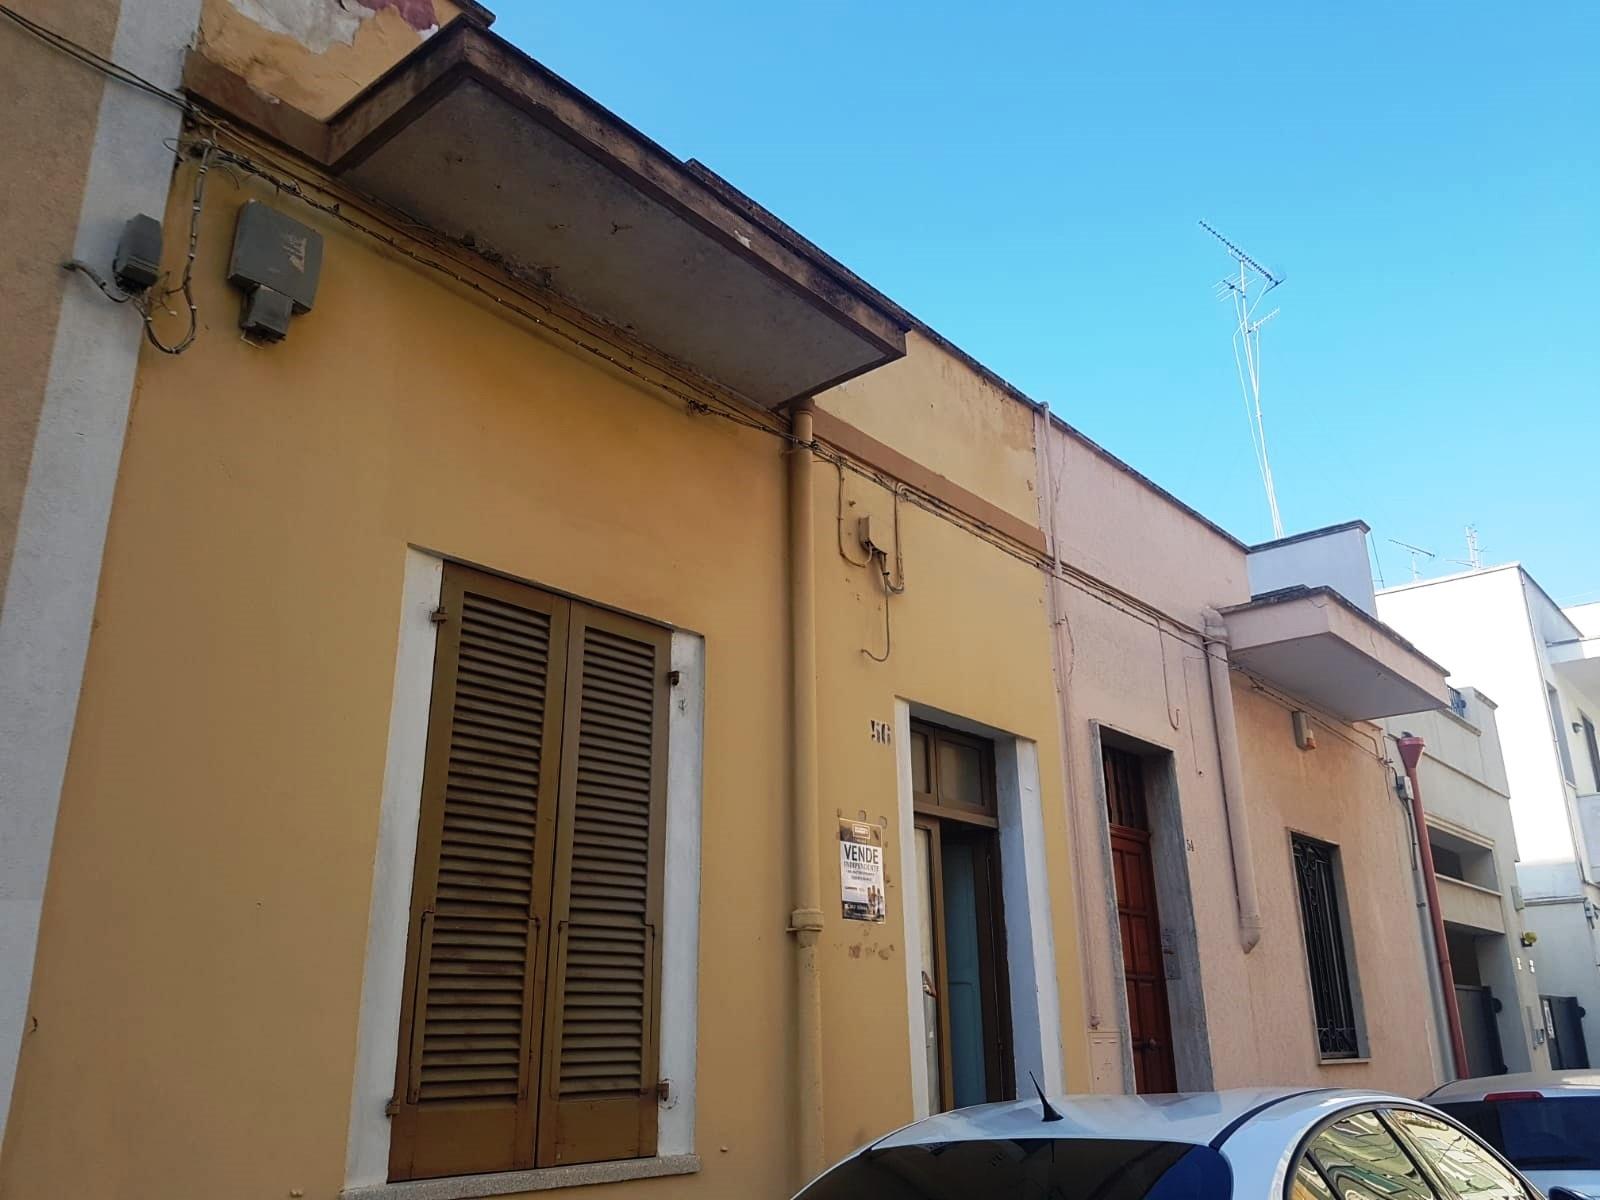 Appartamento in vendita a Brindisi, 3 locali, zona Zona: Commenda, prezzo € 79.000 | CambioCasa.it